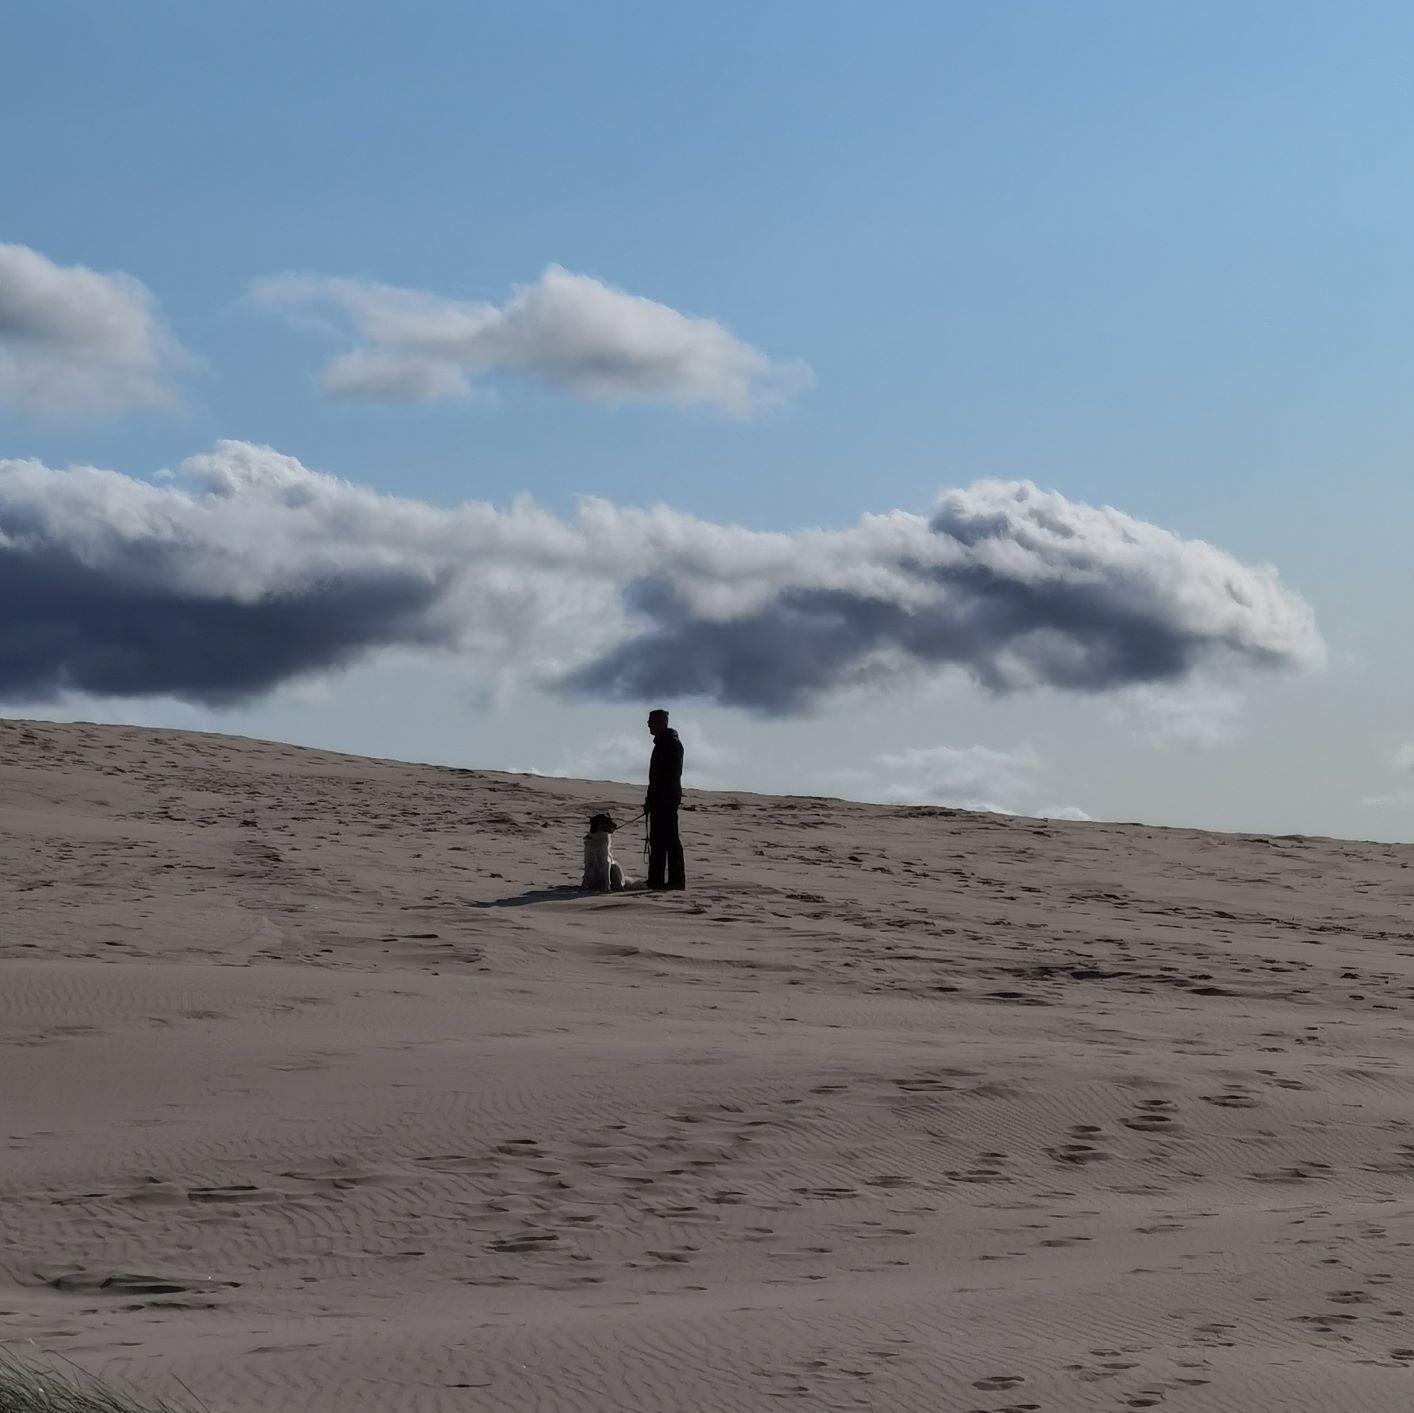 Mein Mann und mein Hund stehen auf einer Düne, im Hintergrund einige Wolken. Einer meiner Wünsche an das Leben ist es, sie genau dort wiederzutreffen.